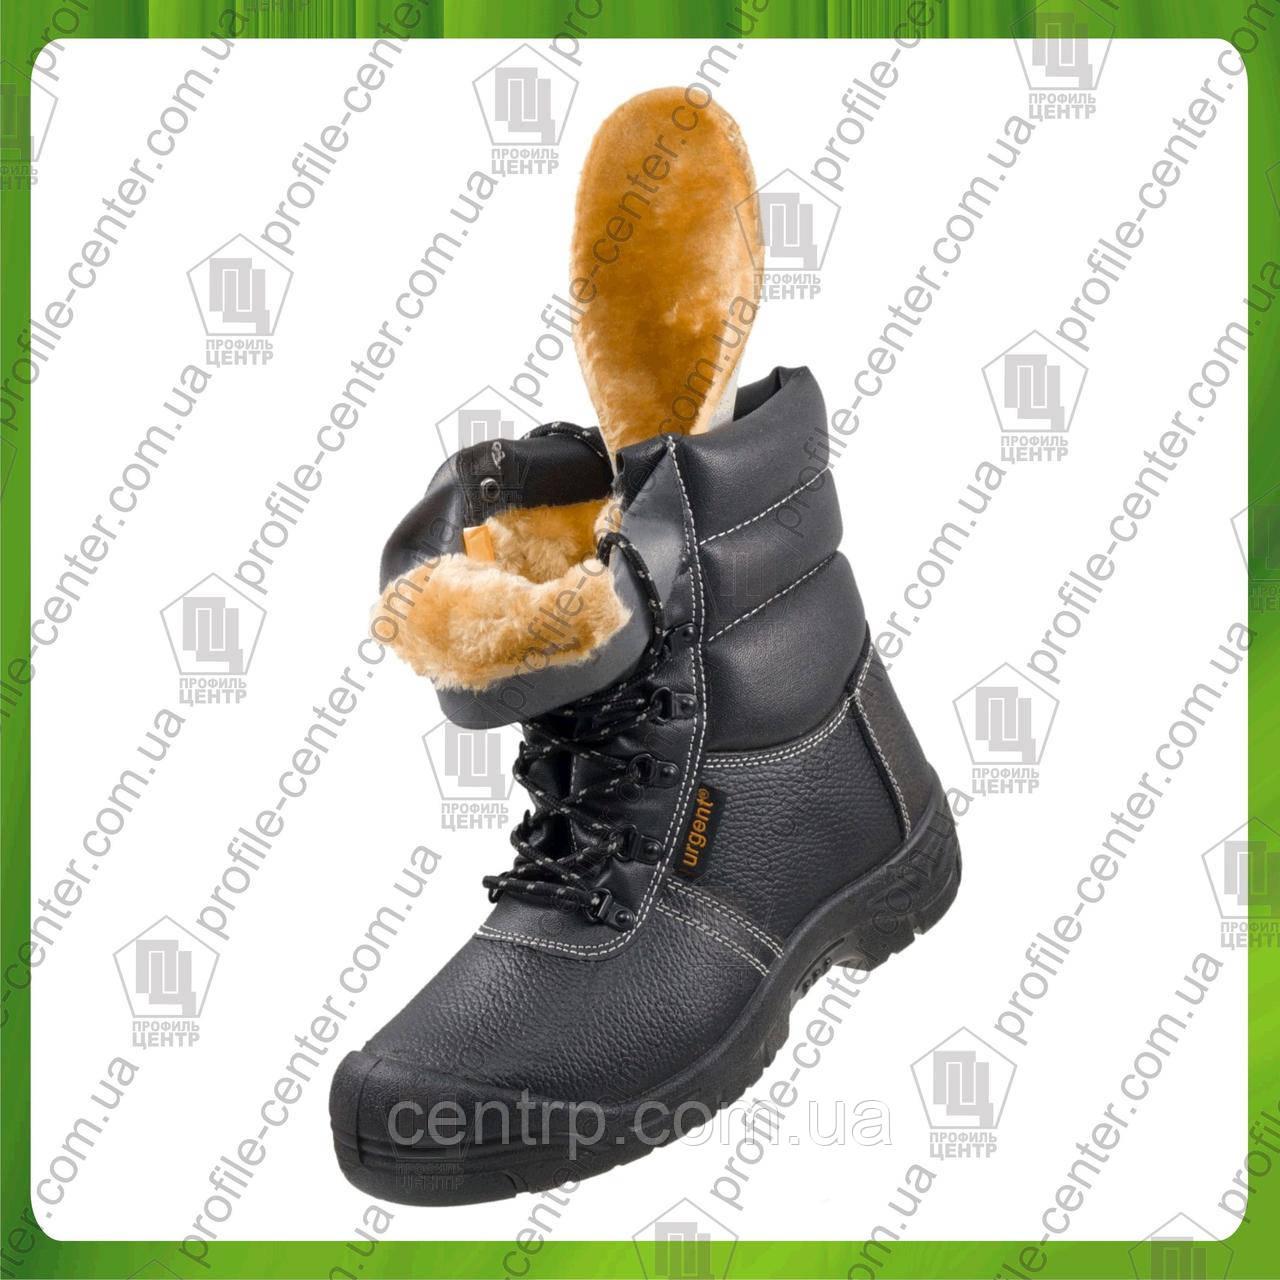 Сапоги рабочие кожаные (зима), с металлическим носком URGENT 112 SB